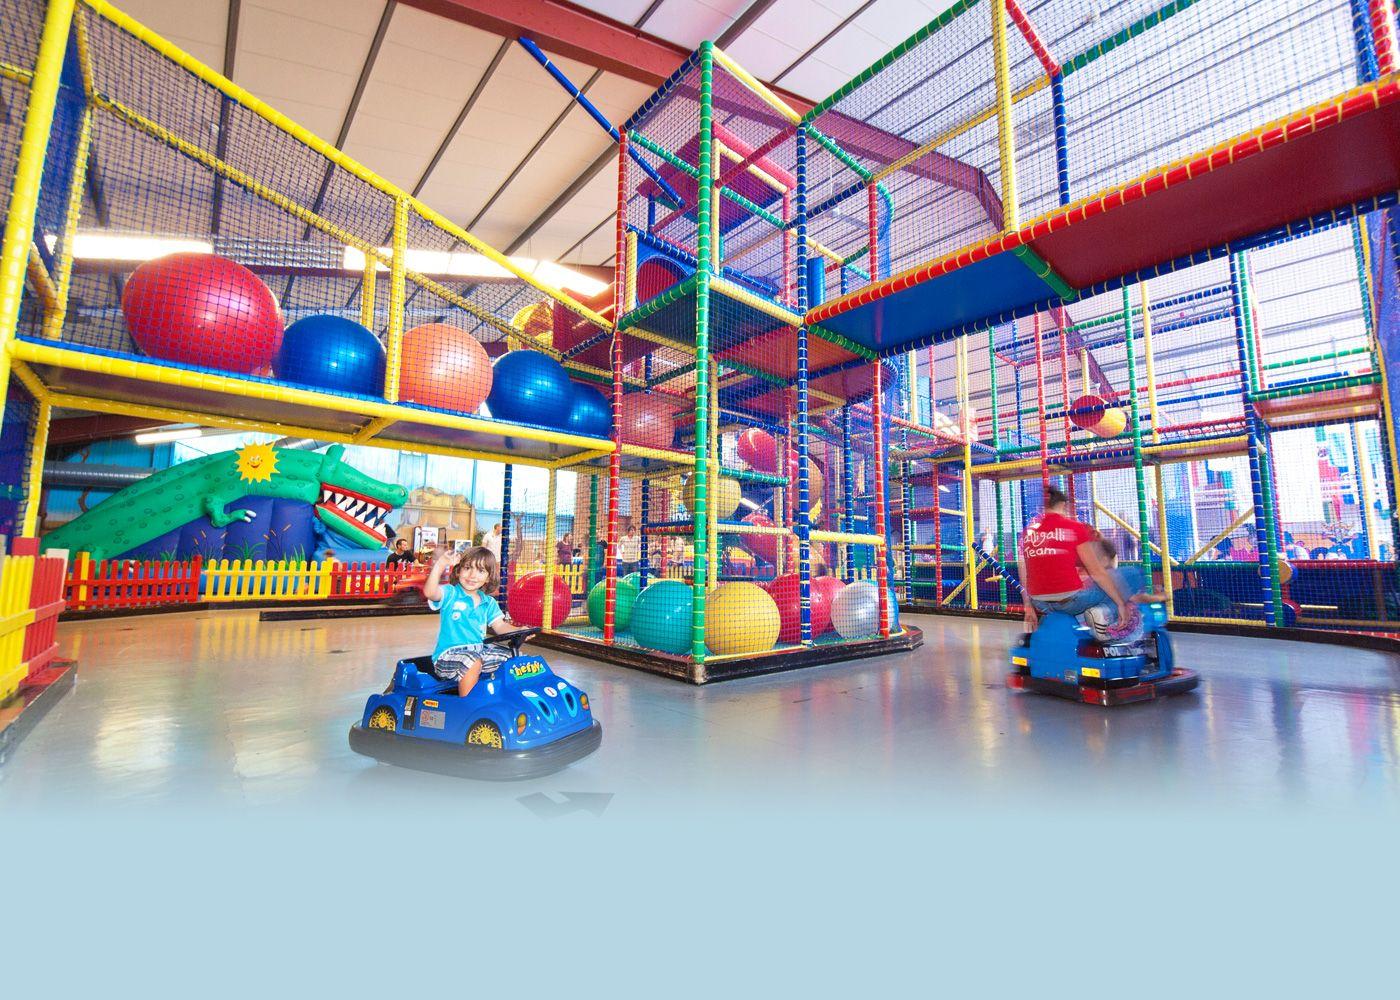 indoorspielpark rosbach halligalli kinderwelt hier ist platz zum spielen toben geburtstag. Black Bedroom Furniture Sets. Home Design Ideas